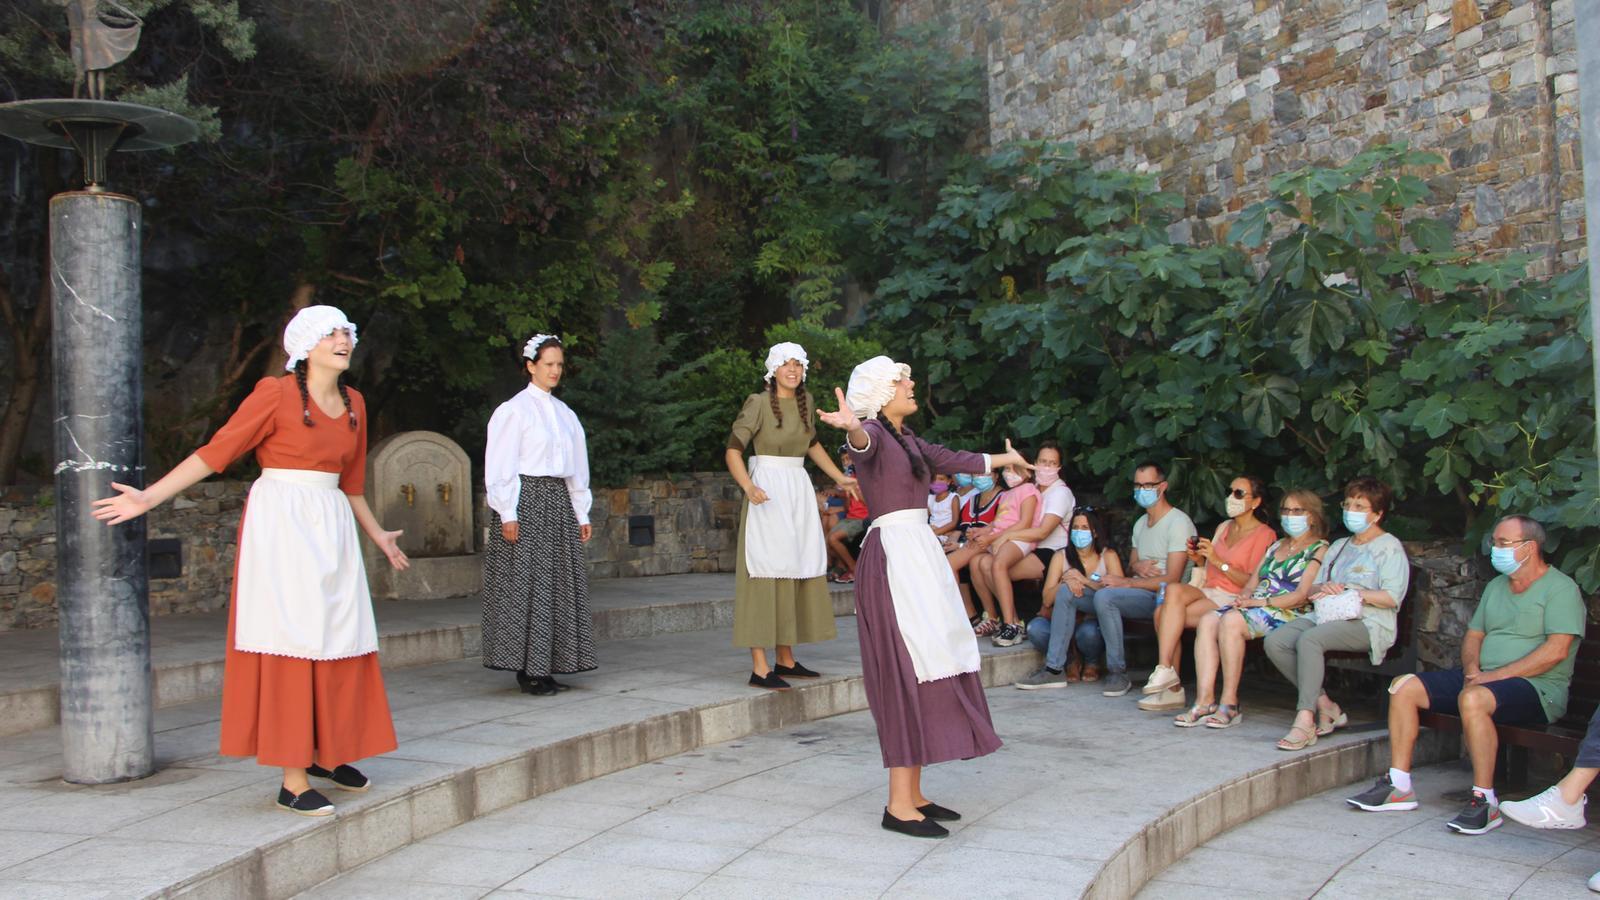 Inici de l'espectacle 'Turistes i Banyistes' a la plaça de l'Esbart Santa Anna a Escaldes-Engordany. / A. S. (ANA)